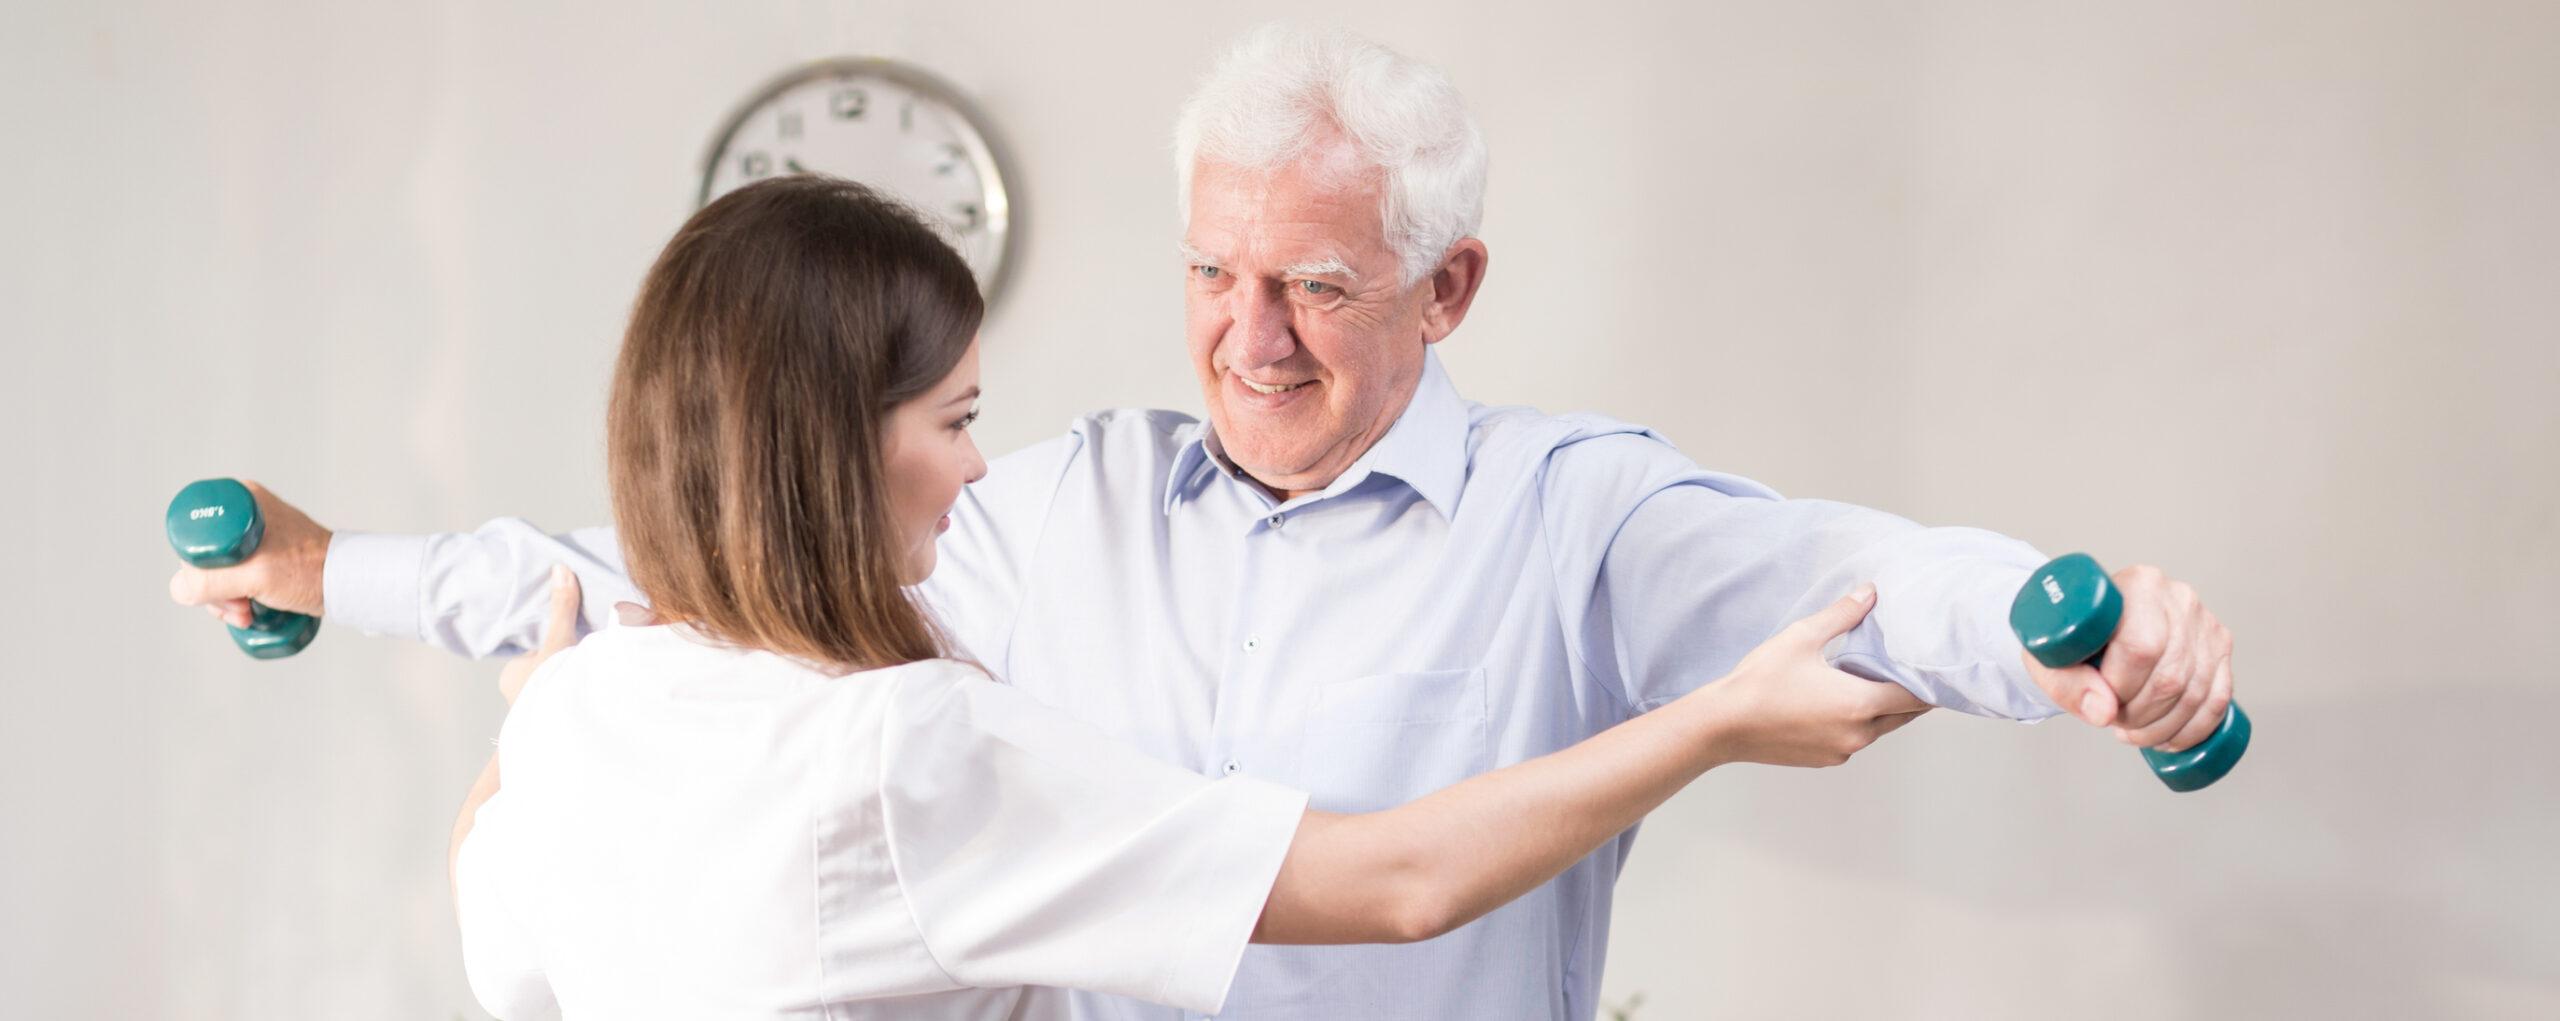 Fisioterapia a domicilio personalizzata